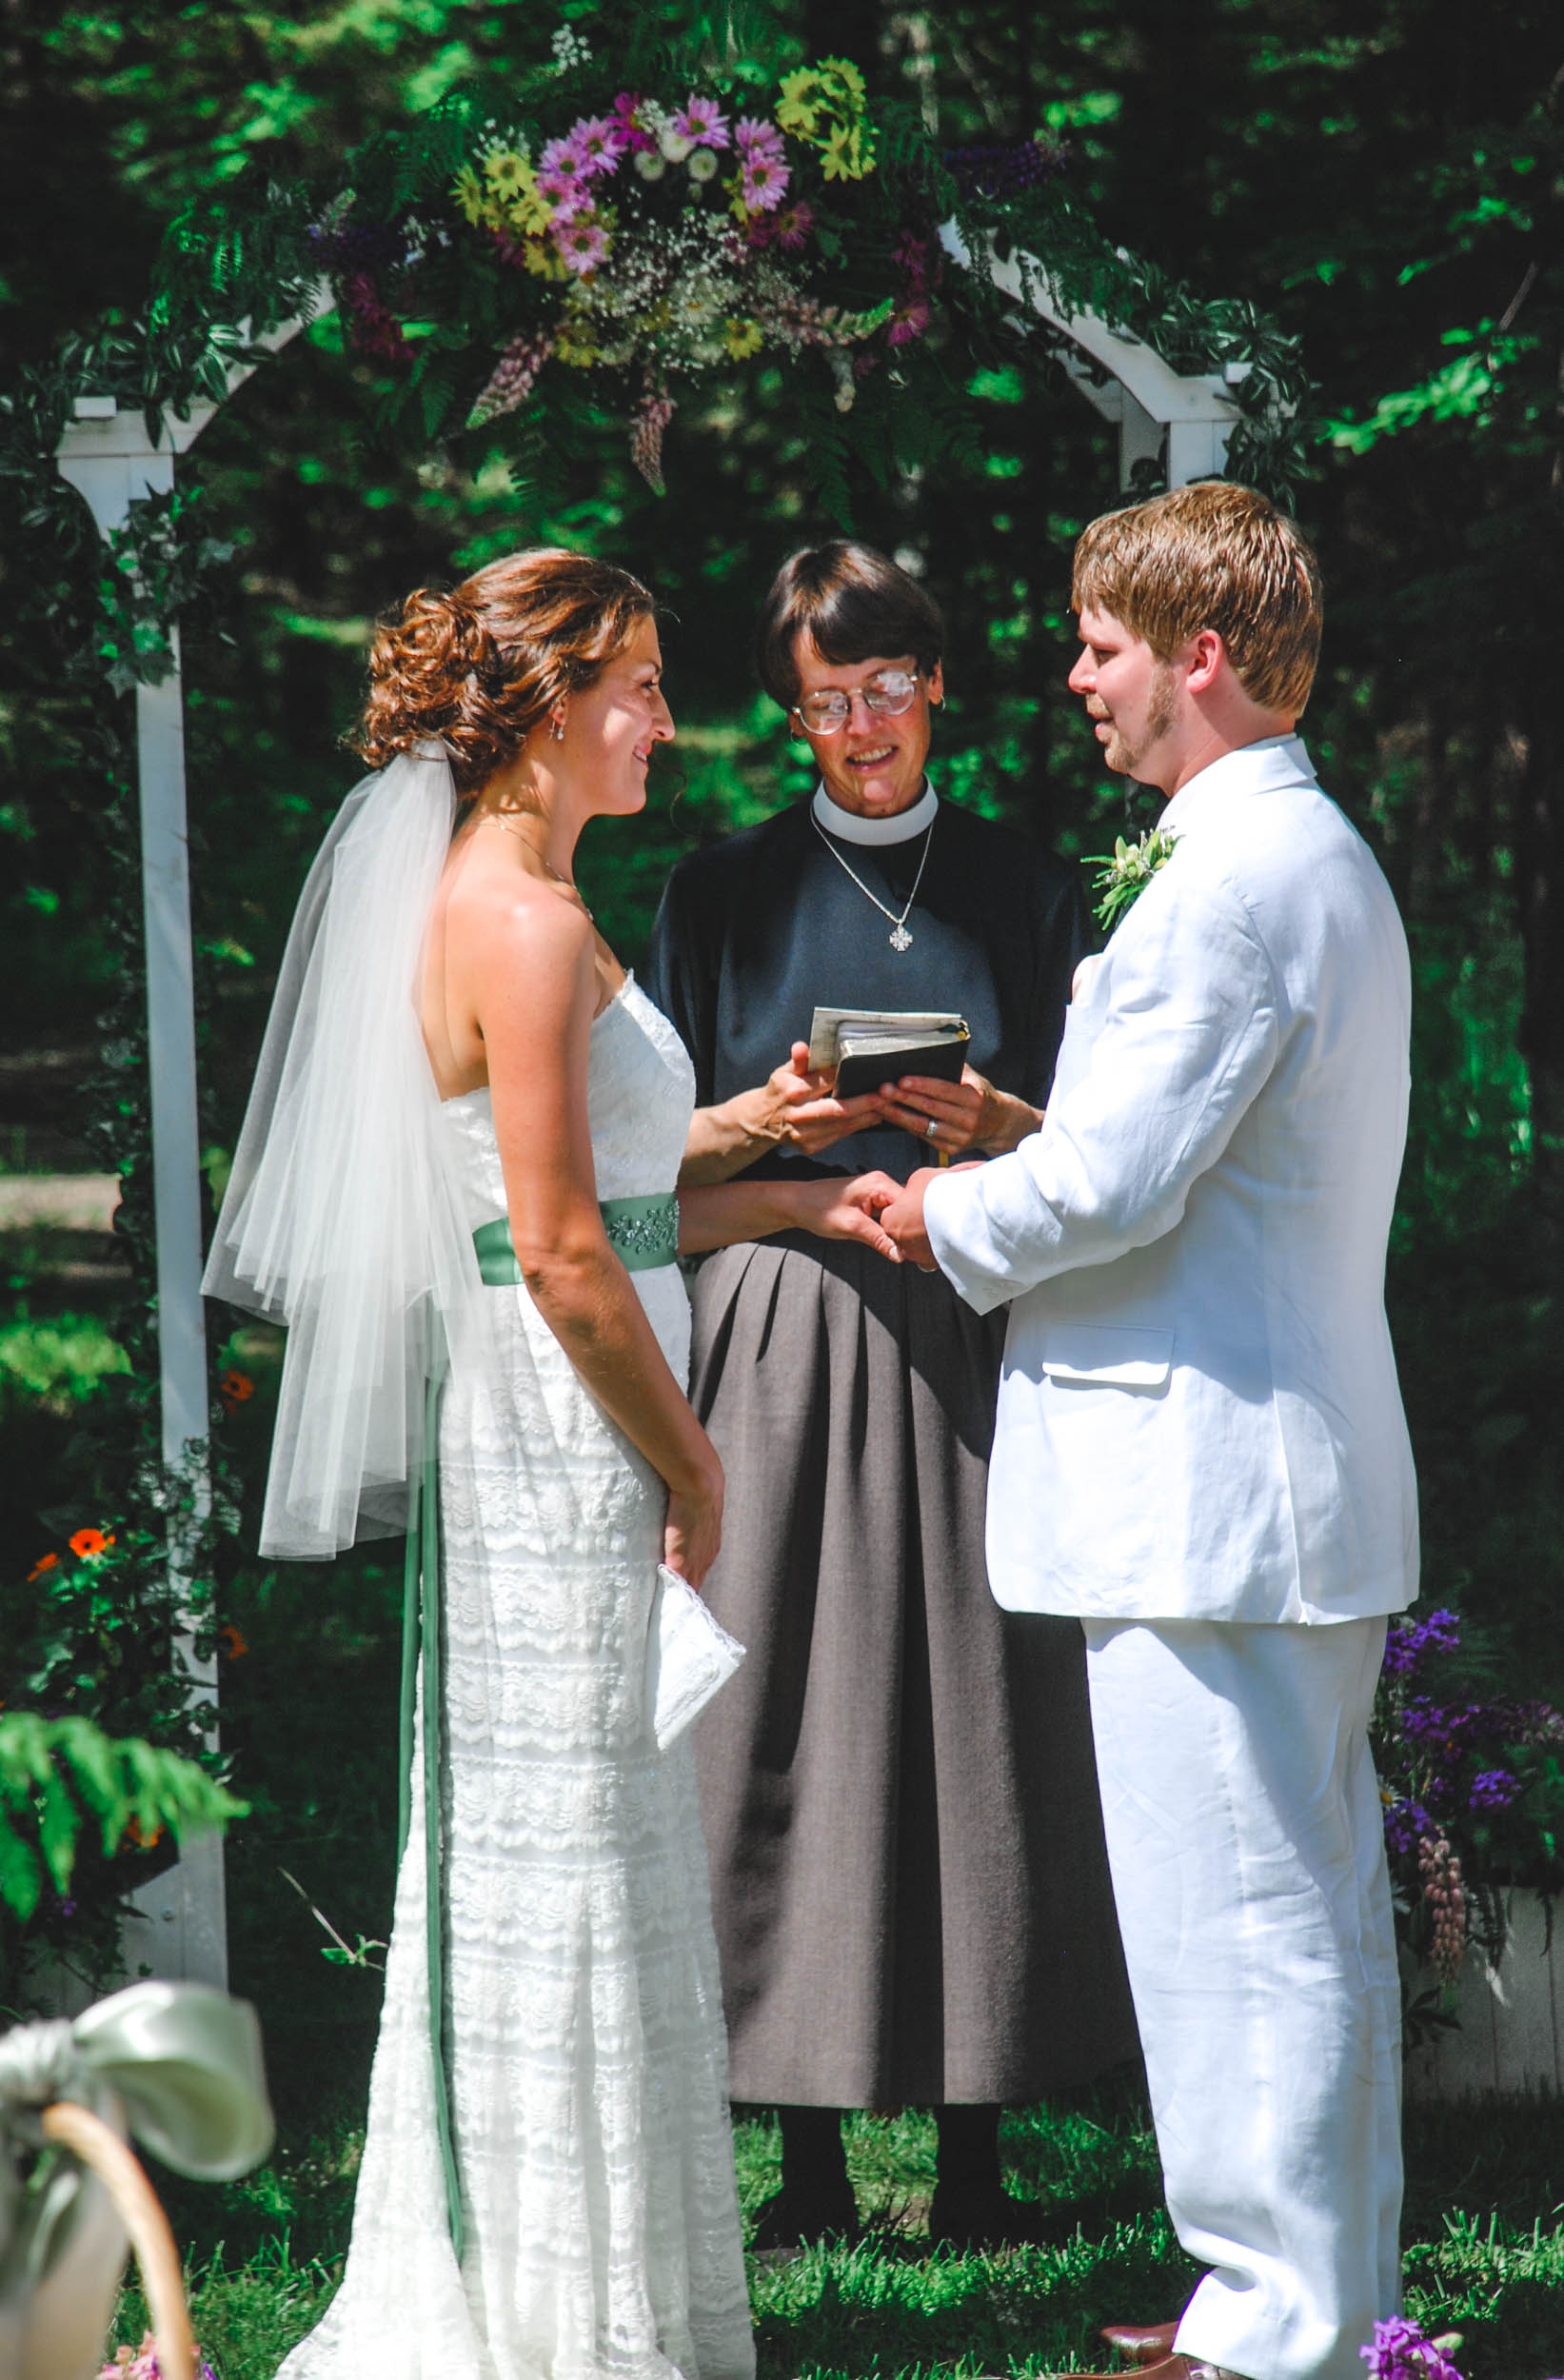 Backyard Green Bay, WI wedding ring exchange